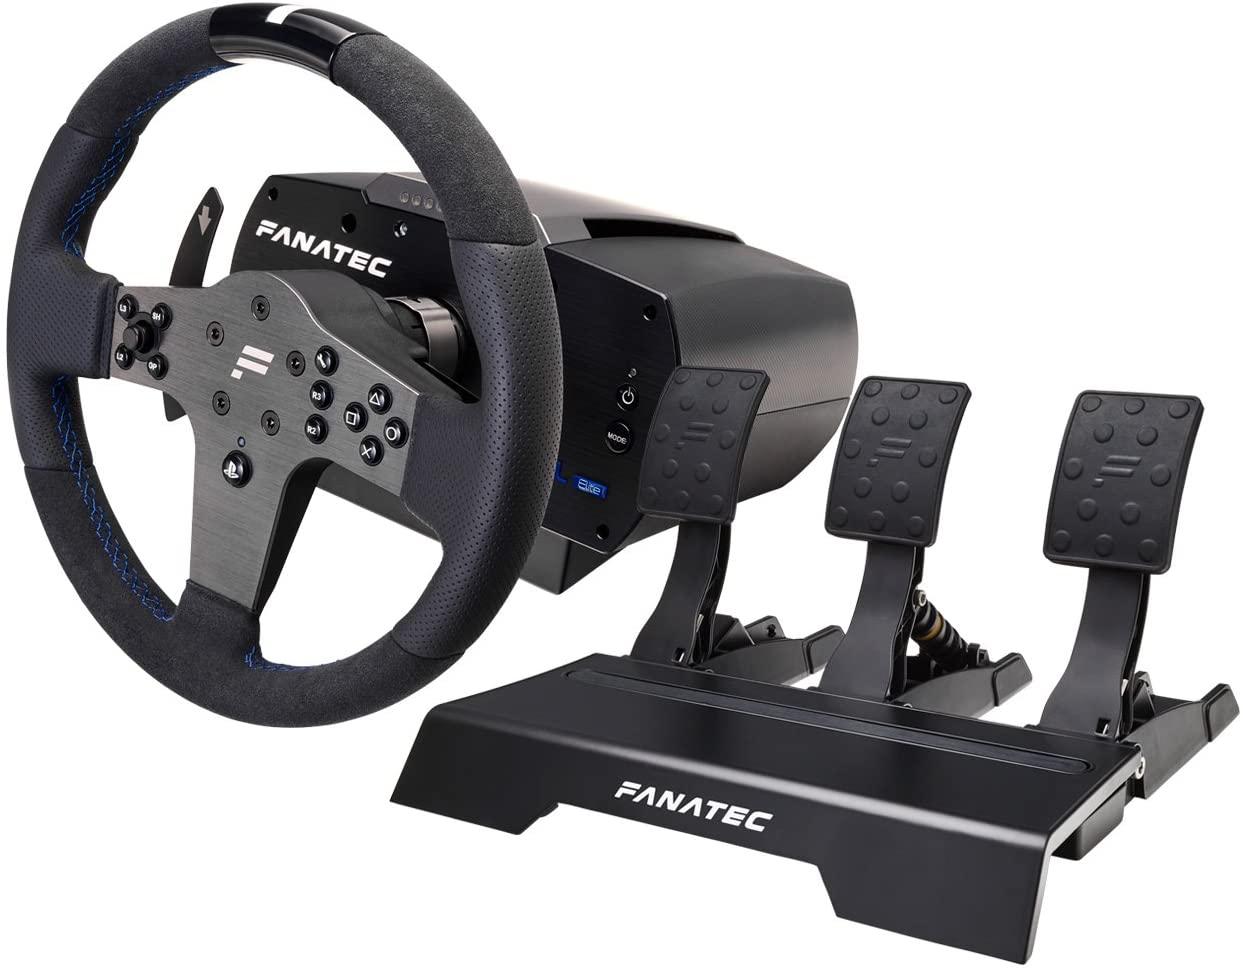 Fanatec CSL Elite Wheel and Pedals